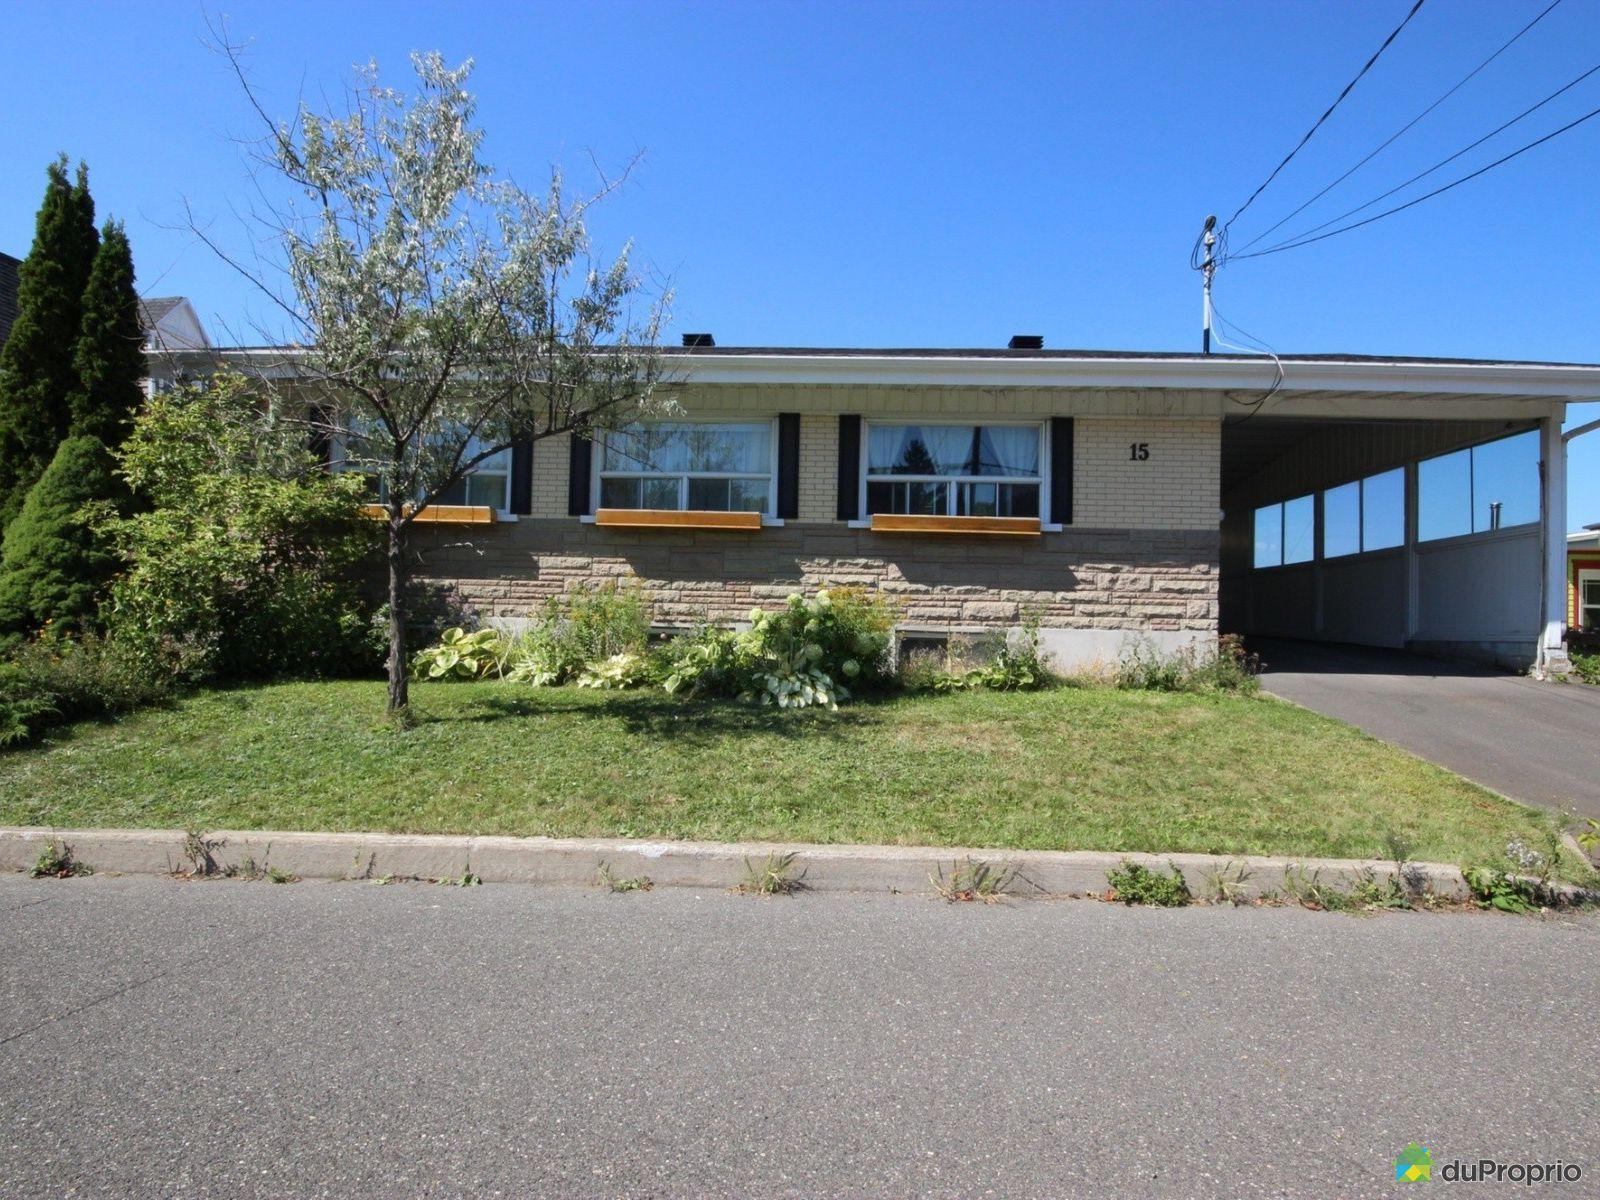 Maison vendre l vis 15 rue vaudreuil immobilier qu bec - Plan de maison quebec ...